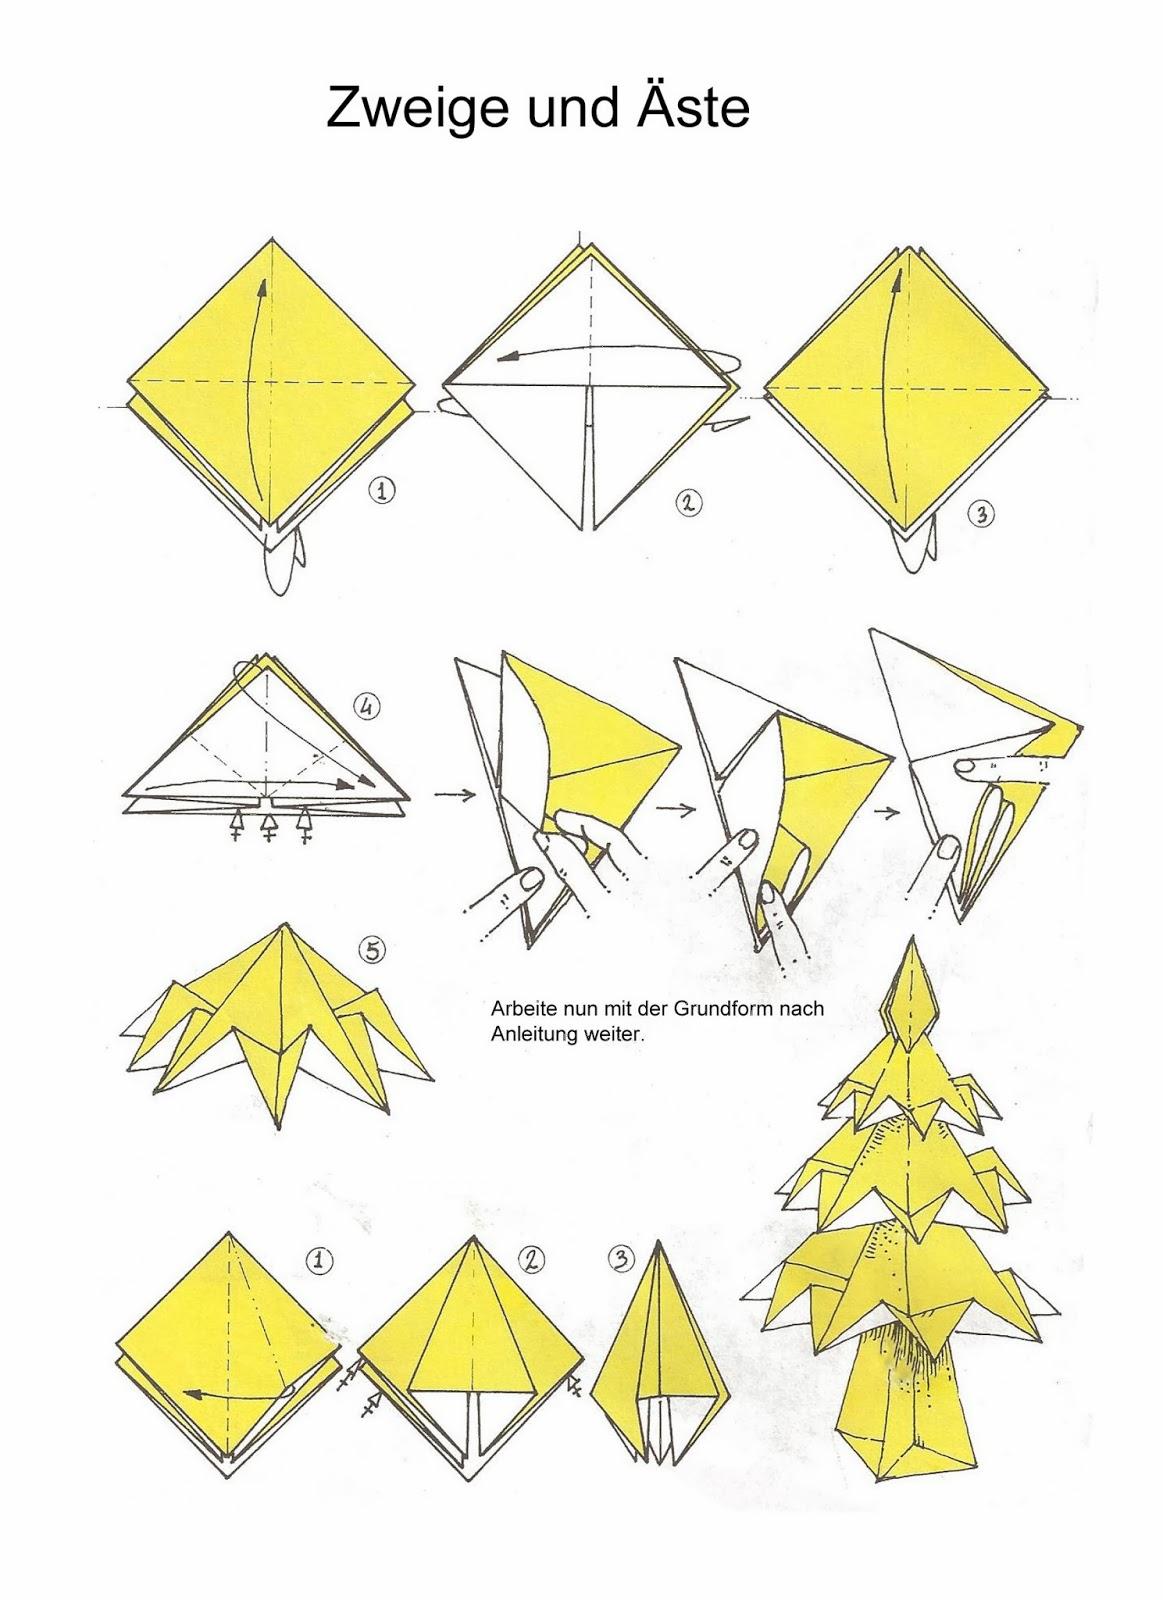 artistoires mach es selbst origami tannenbaum christbaum weihnachtsbaum. Black Bedroom Furniture Sets. Home Design Ideas